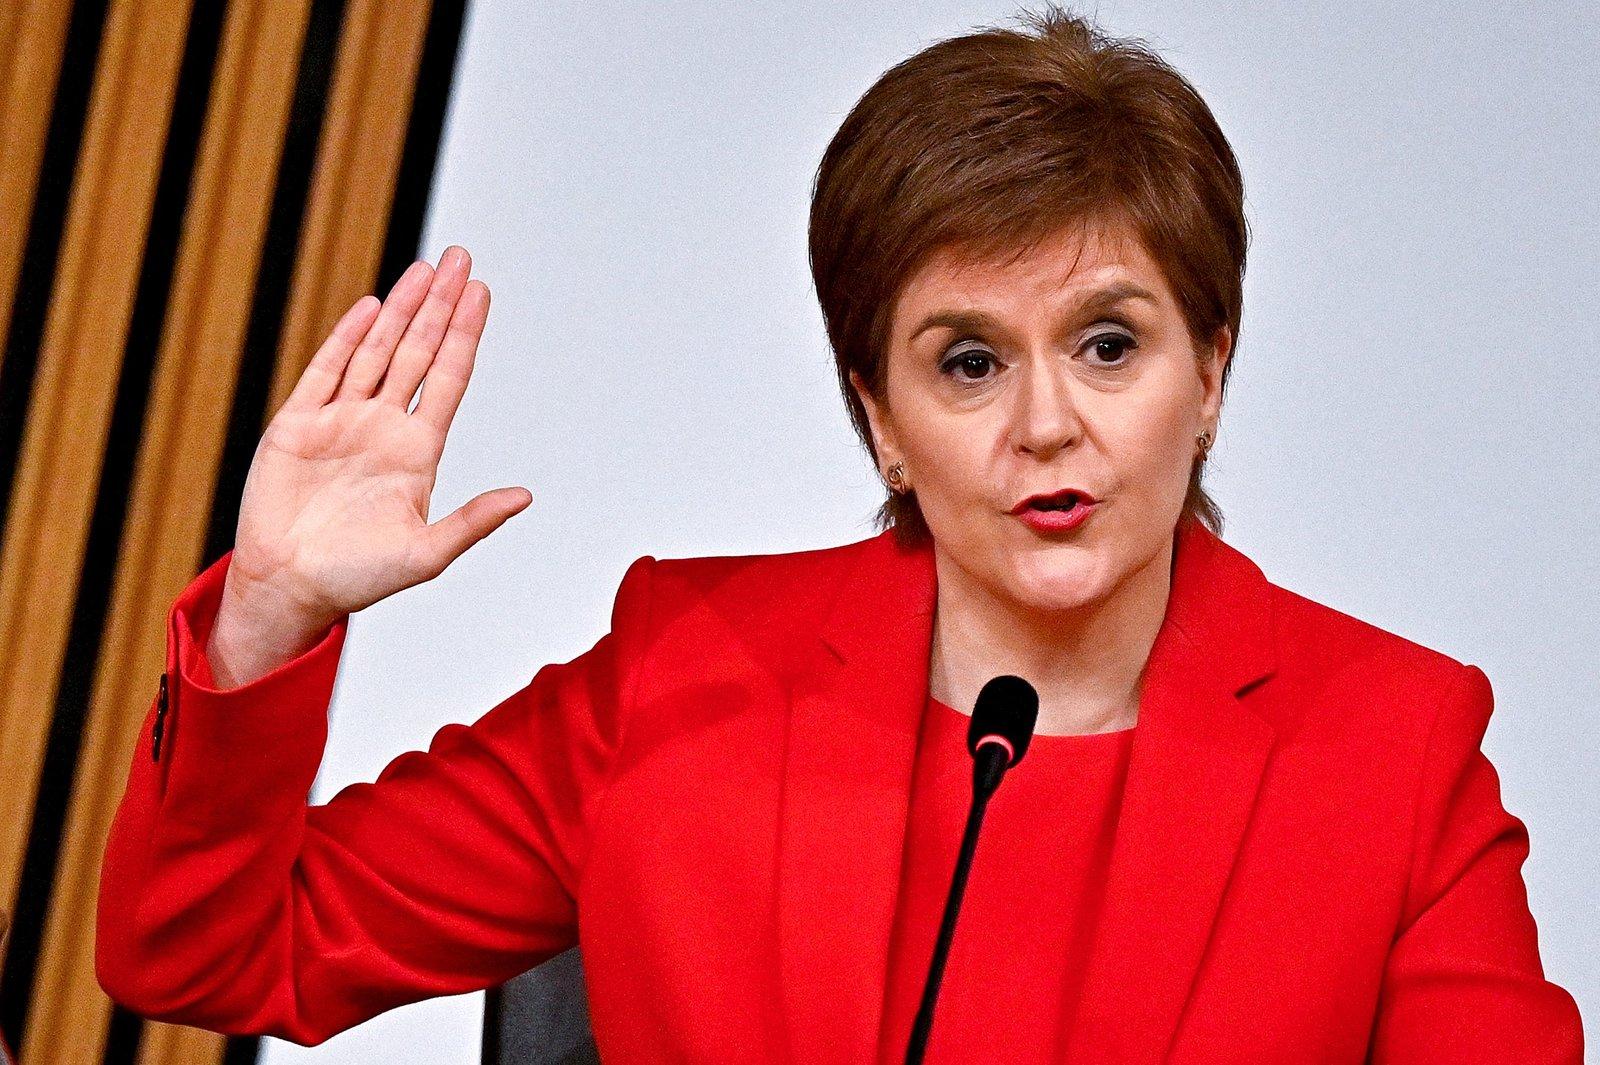 La ministra principal de Escocia insta a alcanzar los objetivos de París